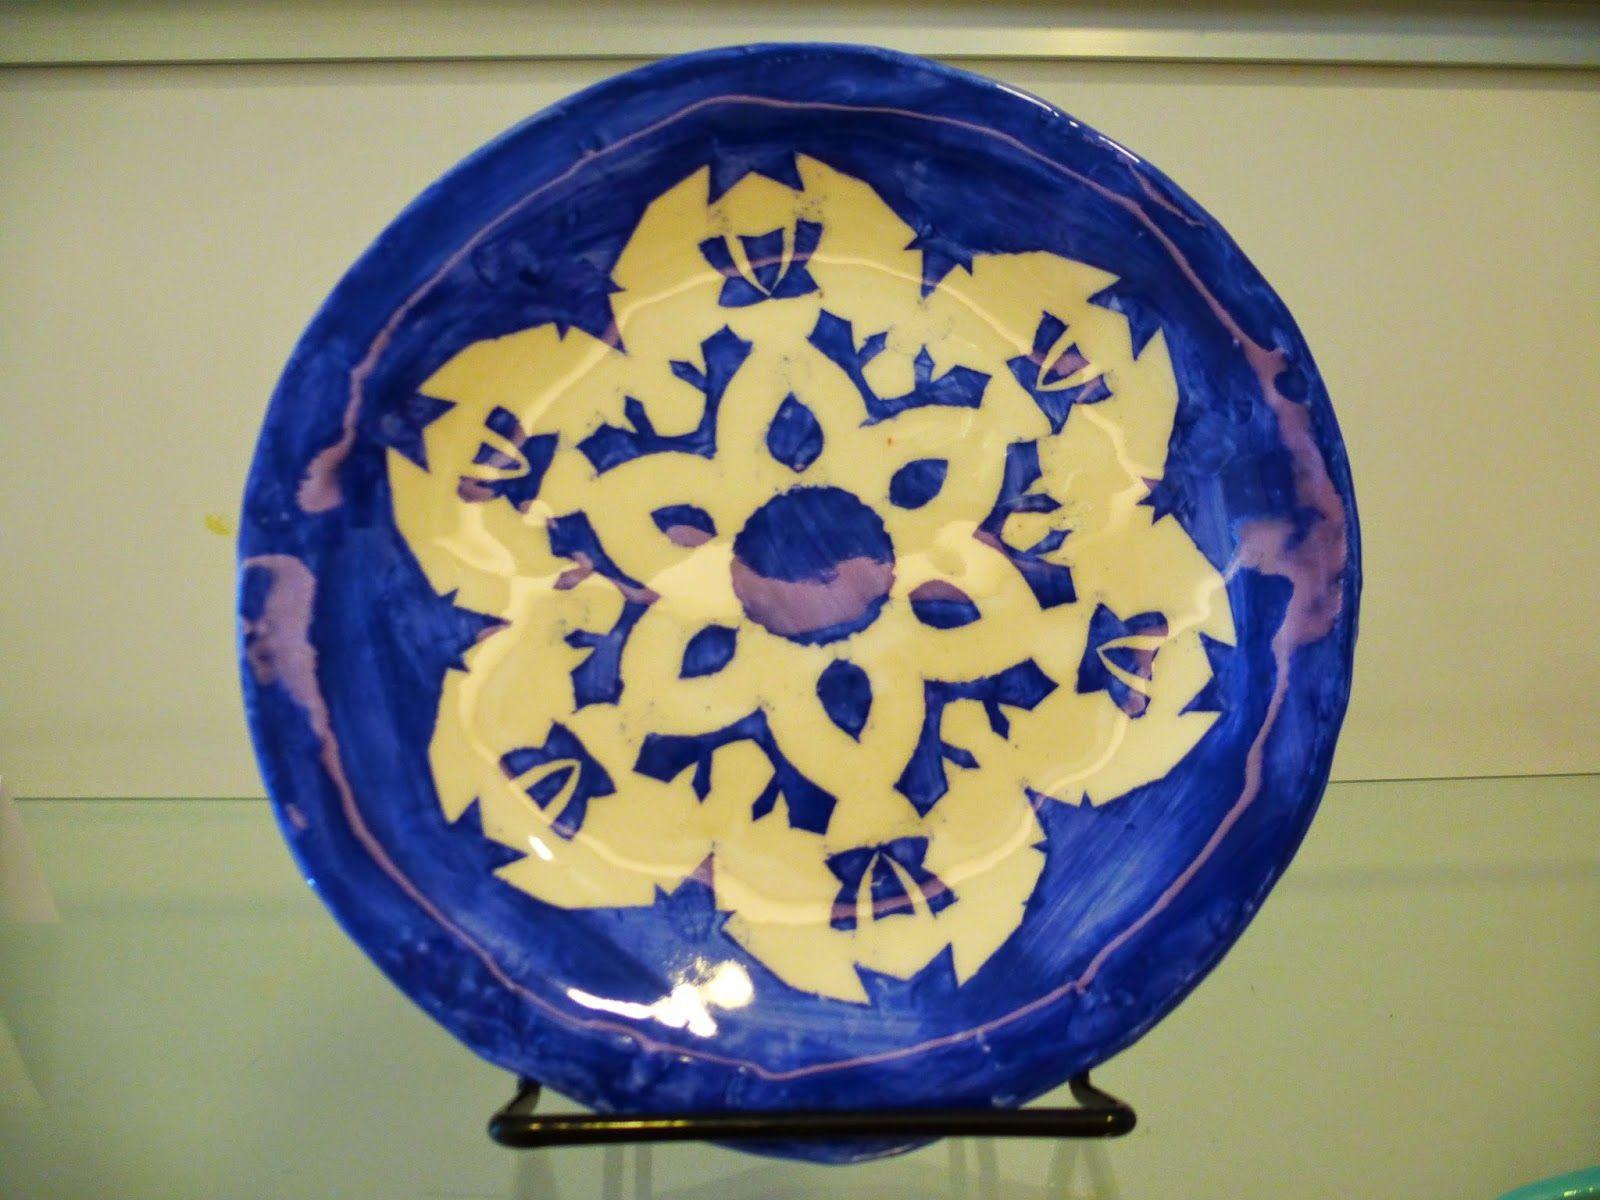 Charamic paper snowflake design